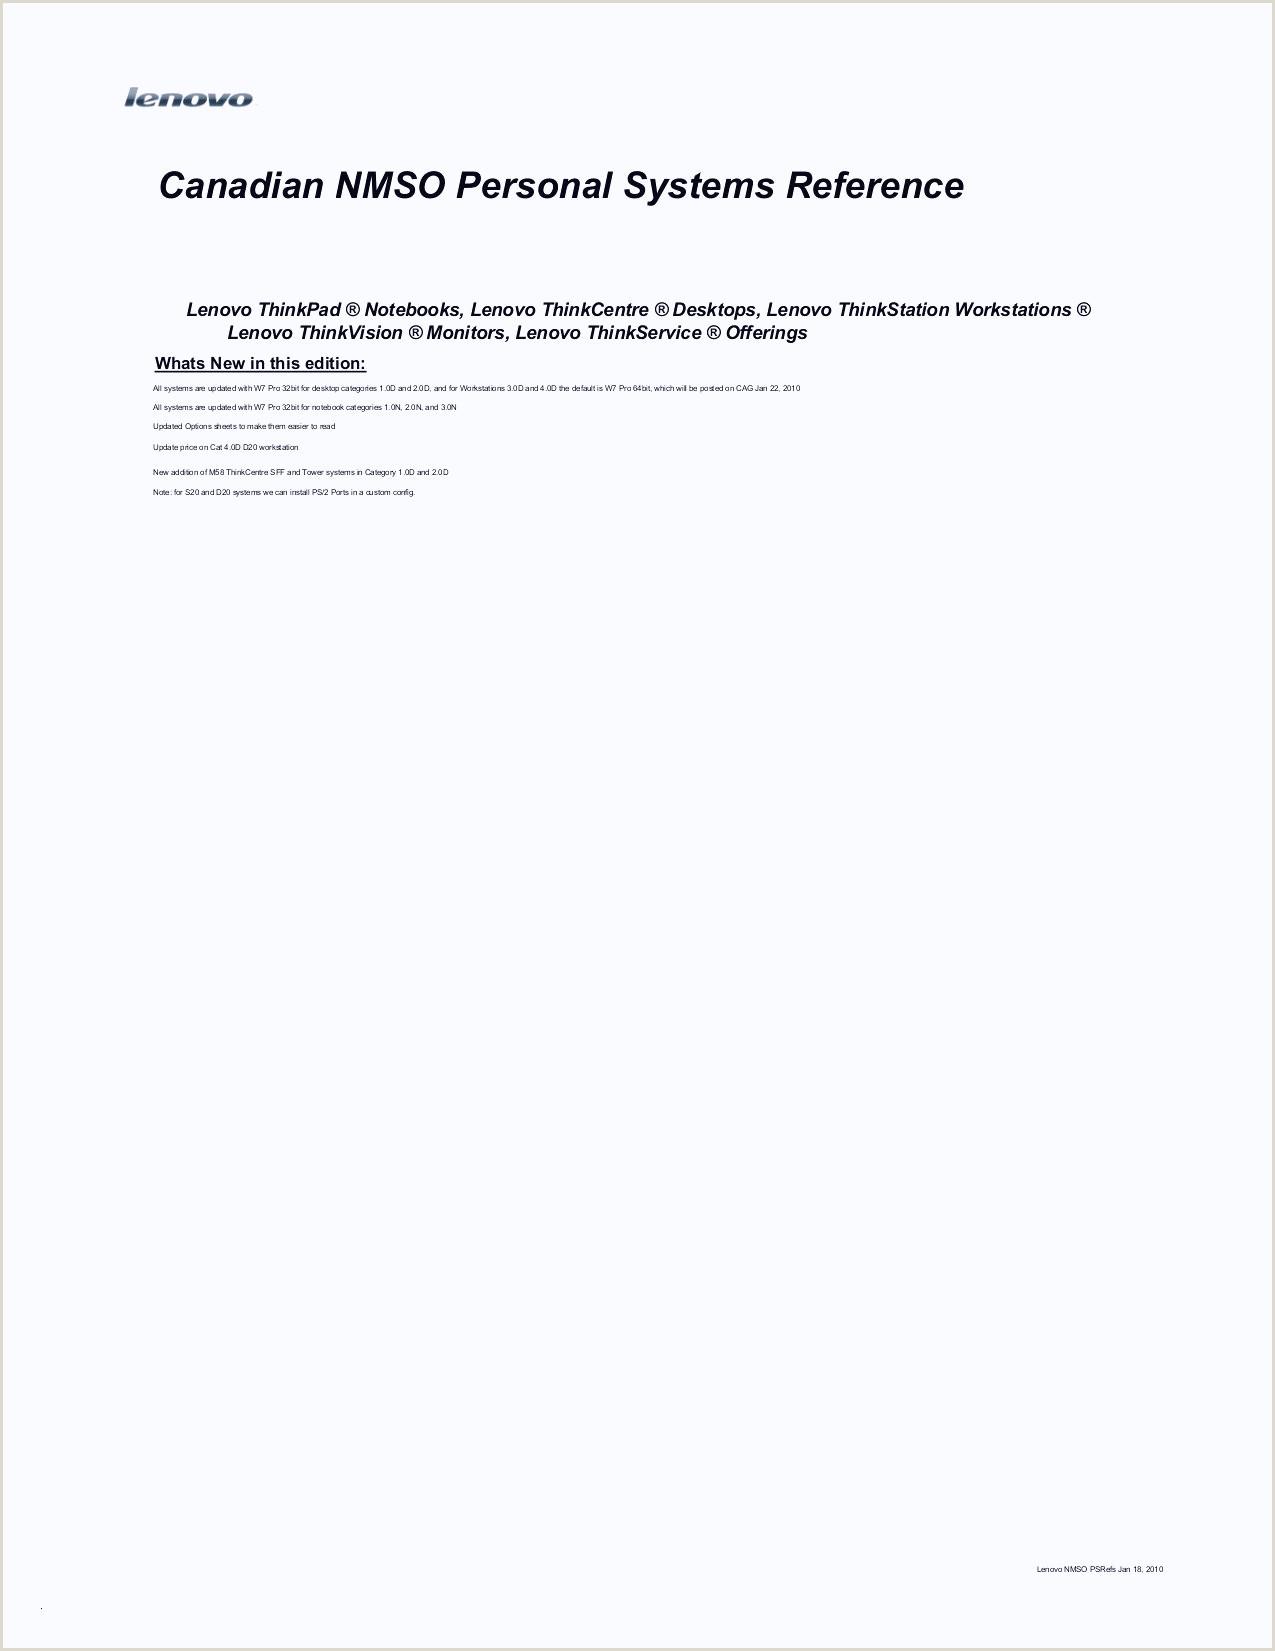 Tabellarischer Lebenslauf Muster Word Dokument Luxus Lebenslauf Ausbildung Vorlage — ishowbox